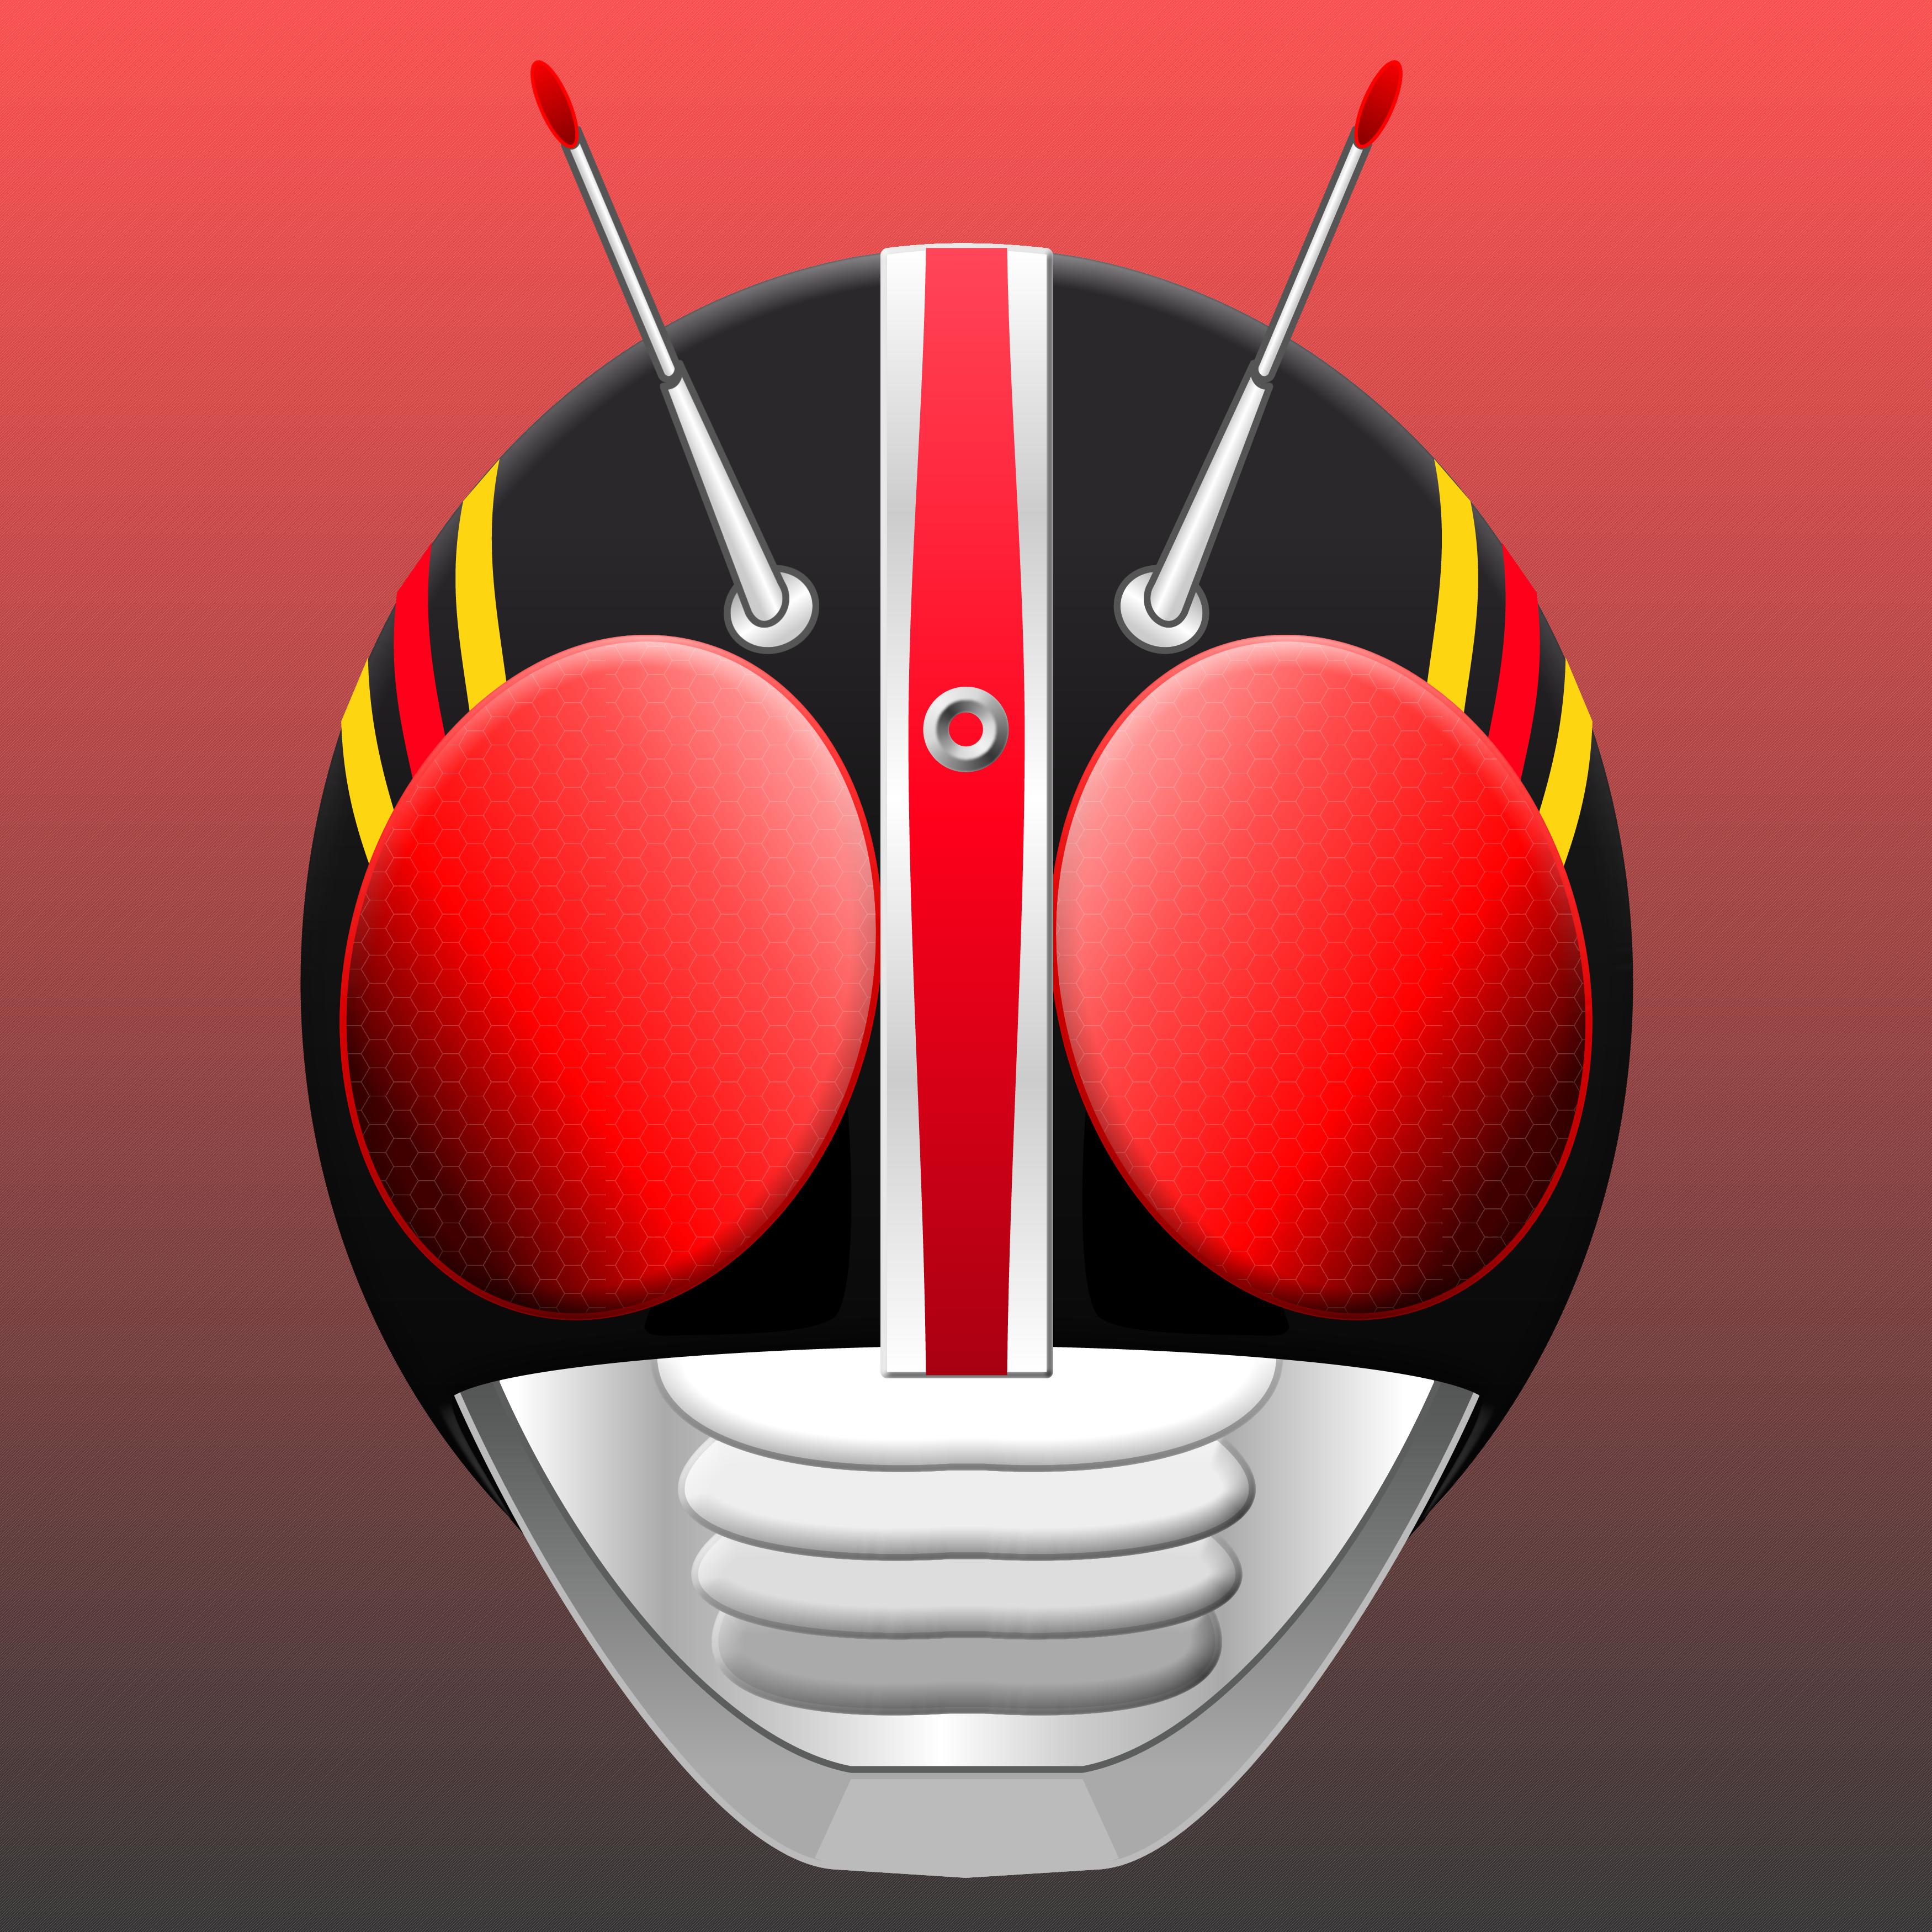 Kamen Rider Black by markolios on DeviantArt